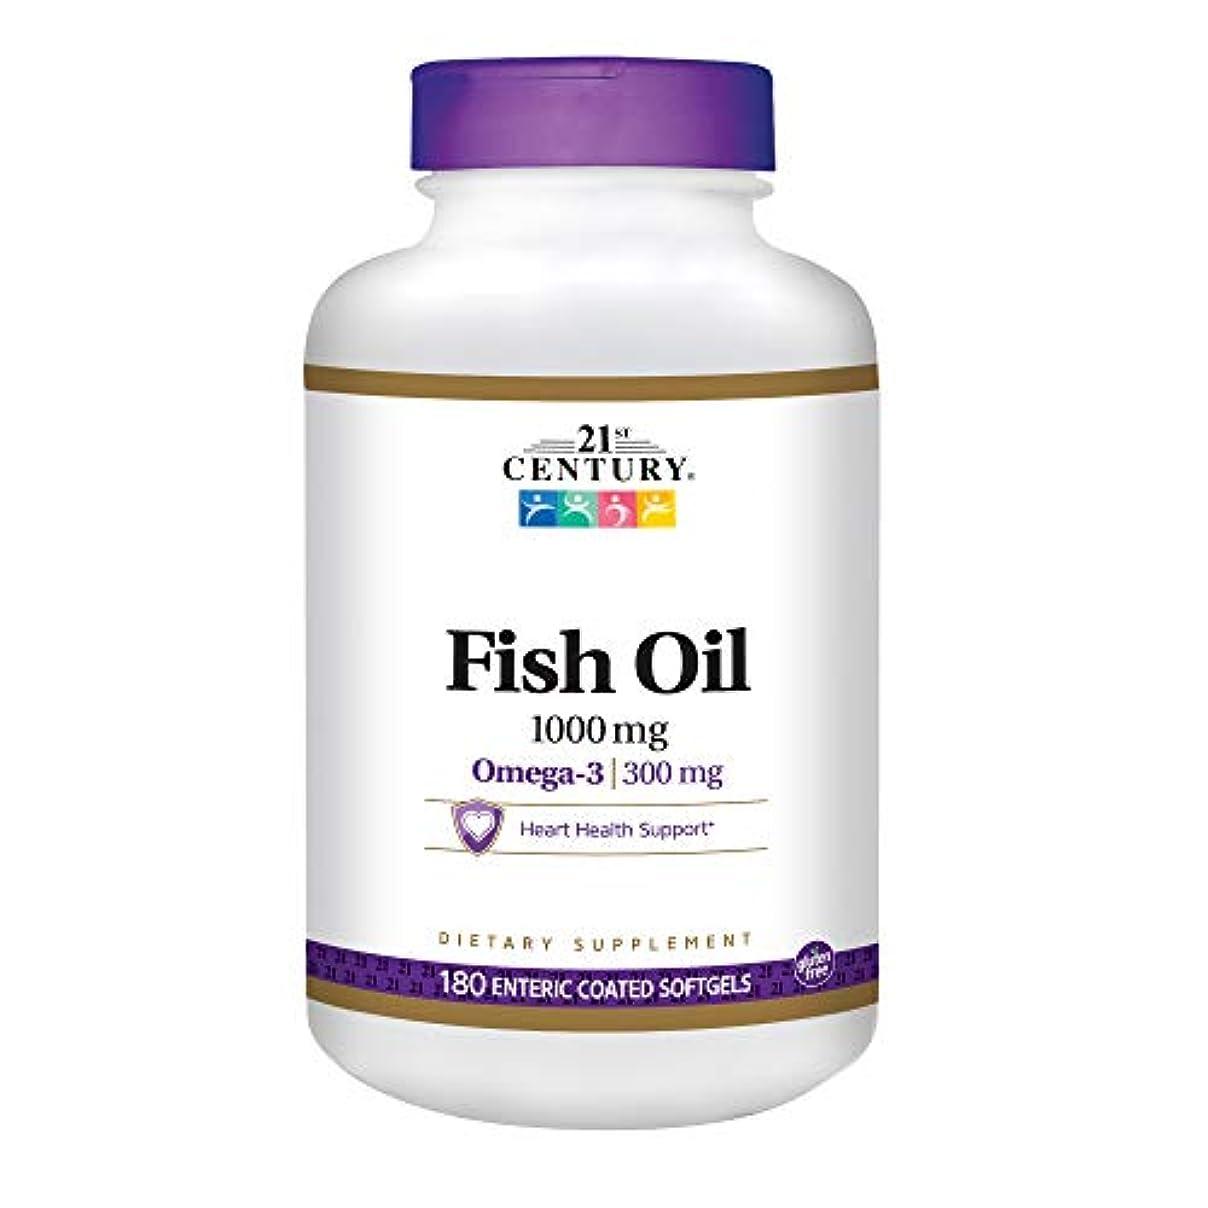 すばらしいですハイランド排出21st Century Health Care, Fish Oil, 1000 mg, 180 Enteric Coated Softgels